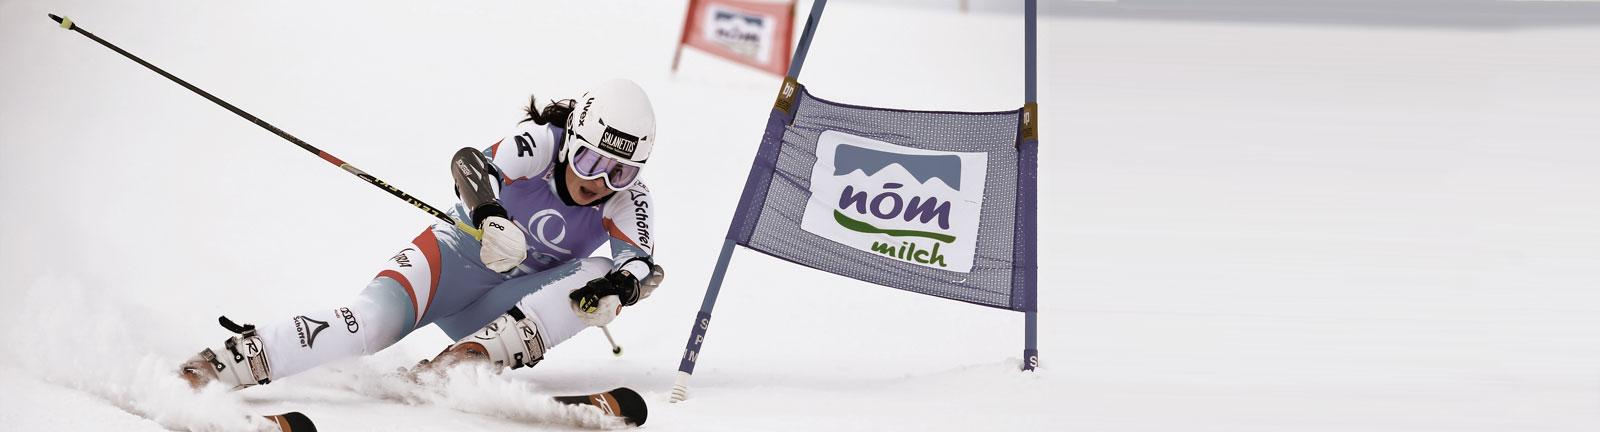 Slalom ski's